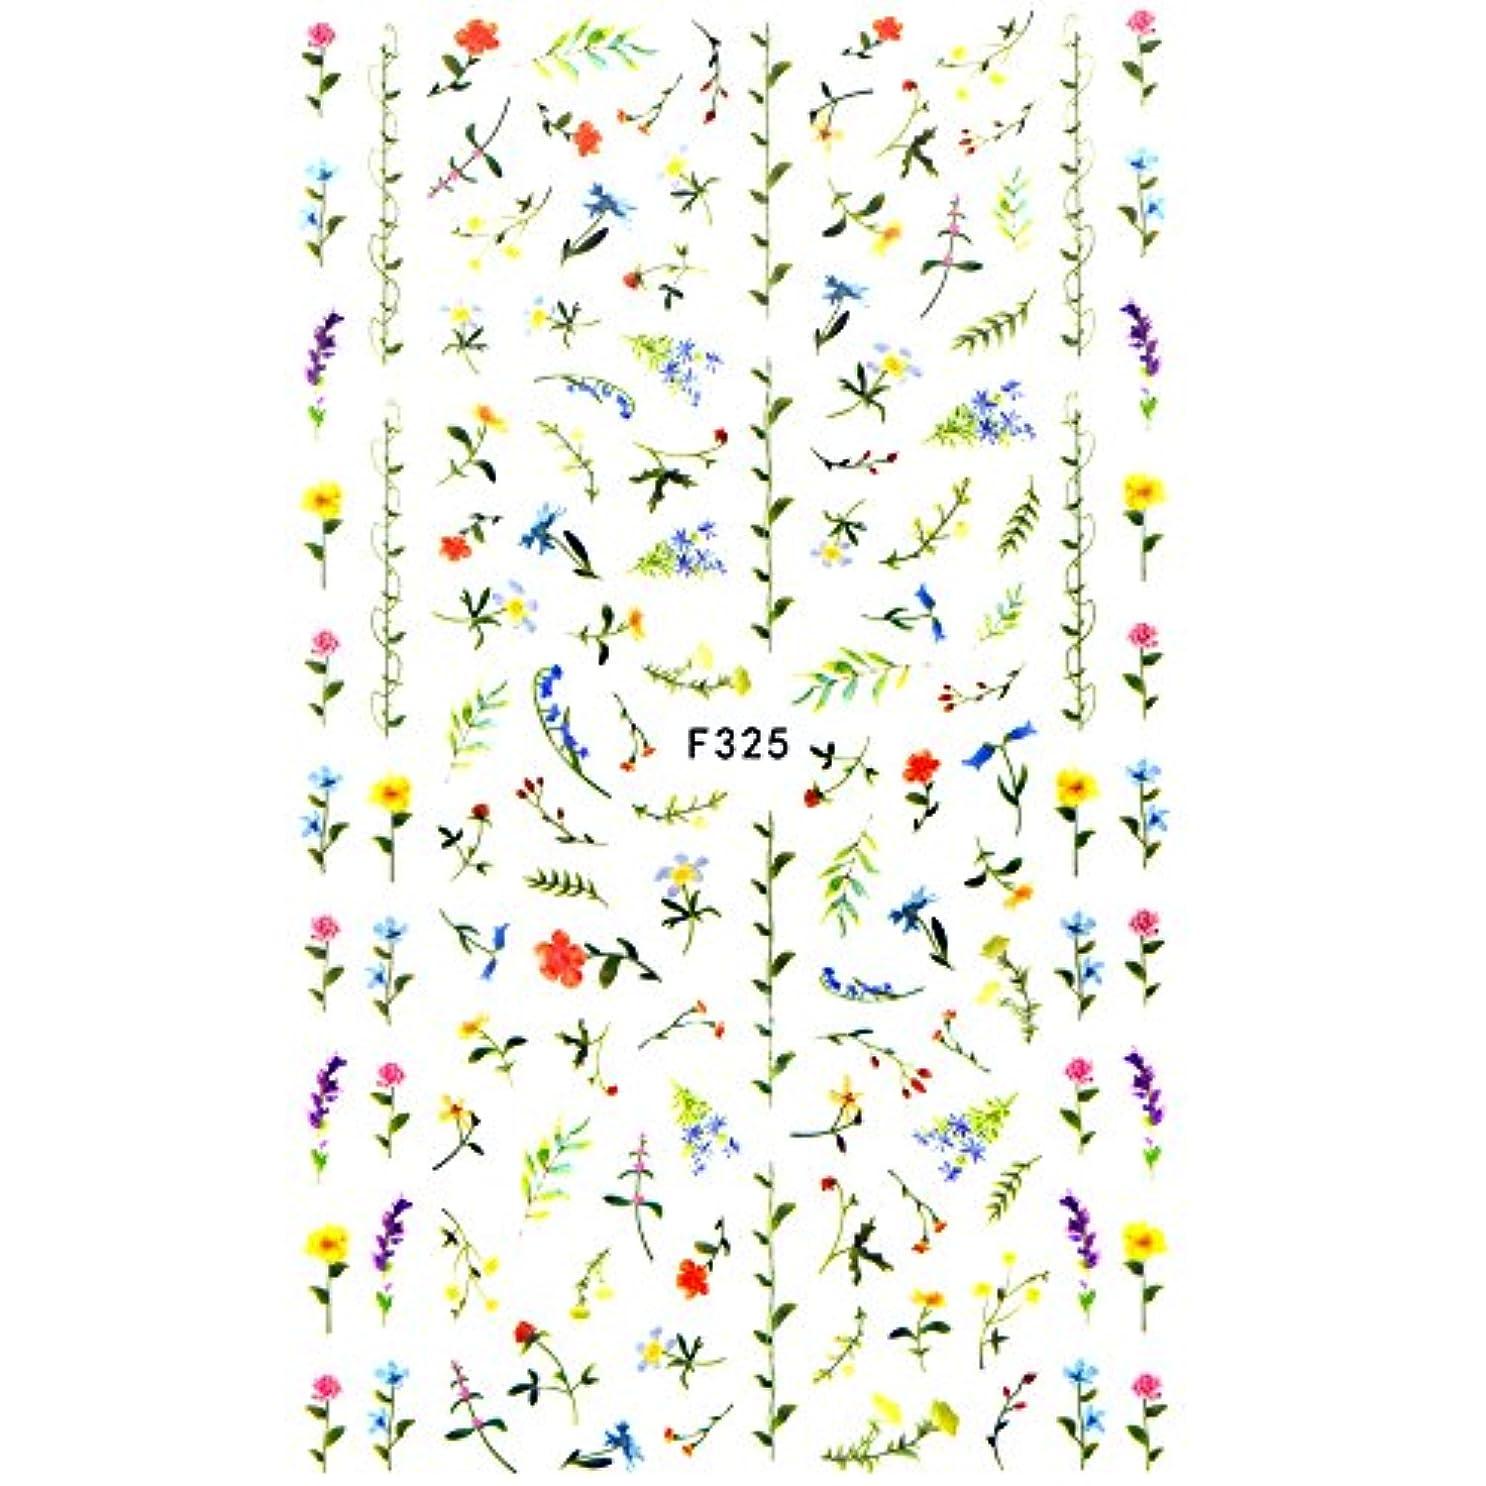 レジデンスハッピー細菌【F325】 一輪花シール 花 フラワー ボタニカル 一輪花 花 花束 花畑 ネイルシール